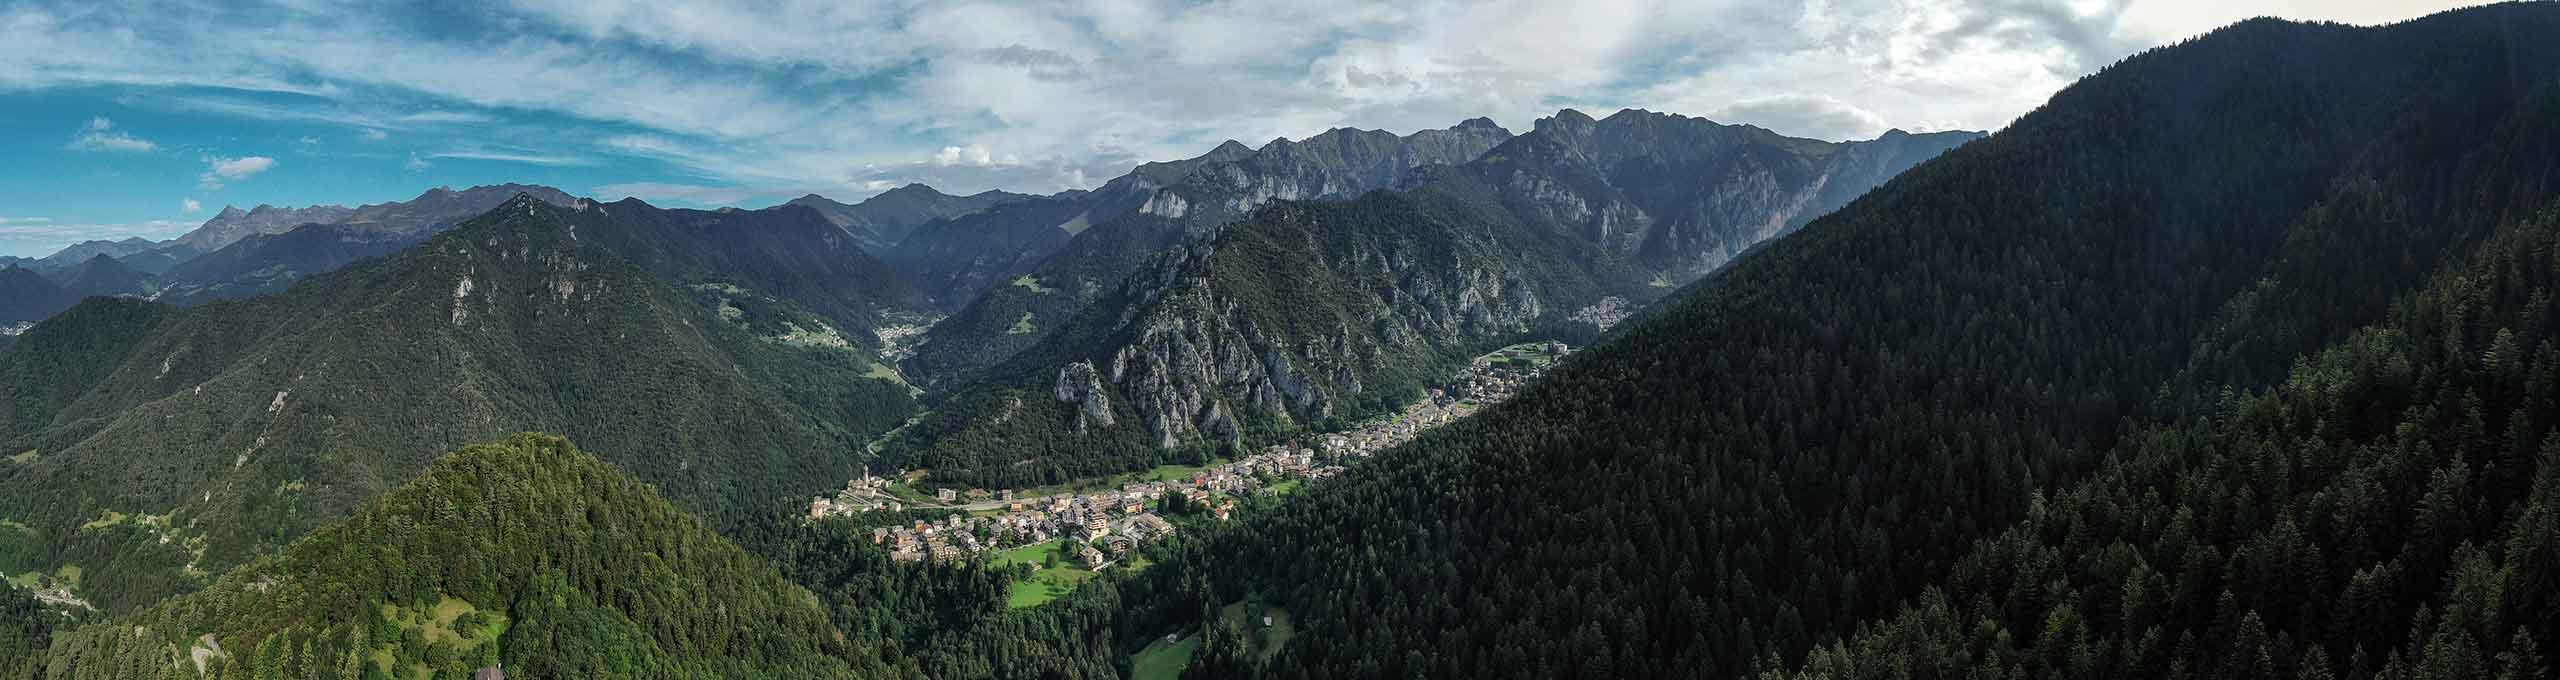 Piazzatorre, Val Brembana